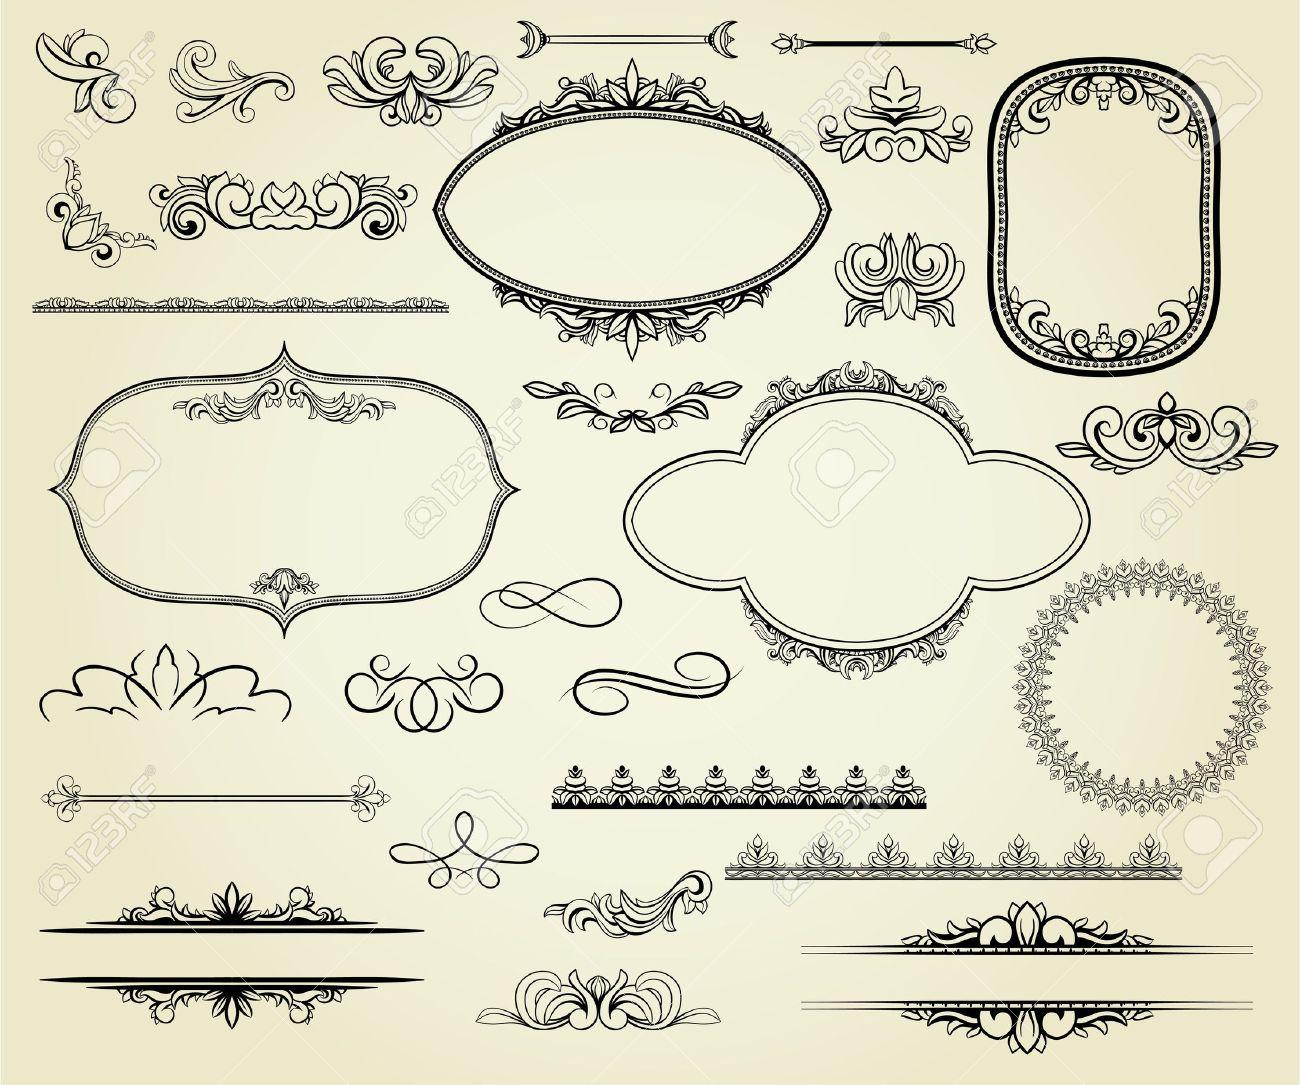 Viele Design-Elemente: Etiketten, Ränder, Rahmen, Etc. Könnte Für ...